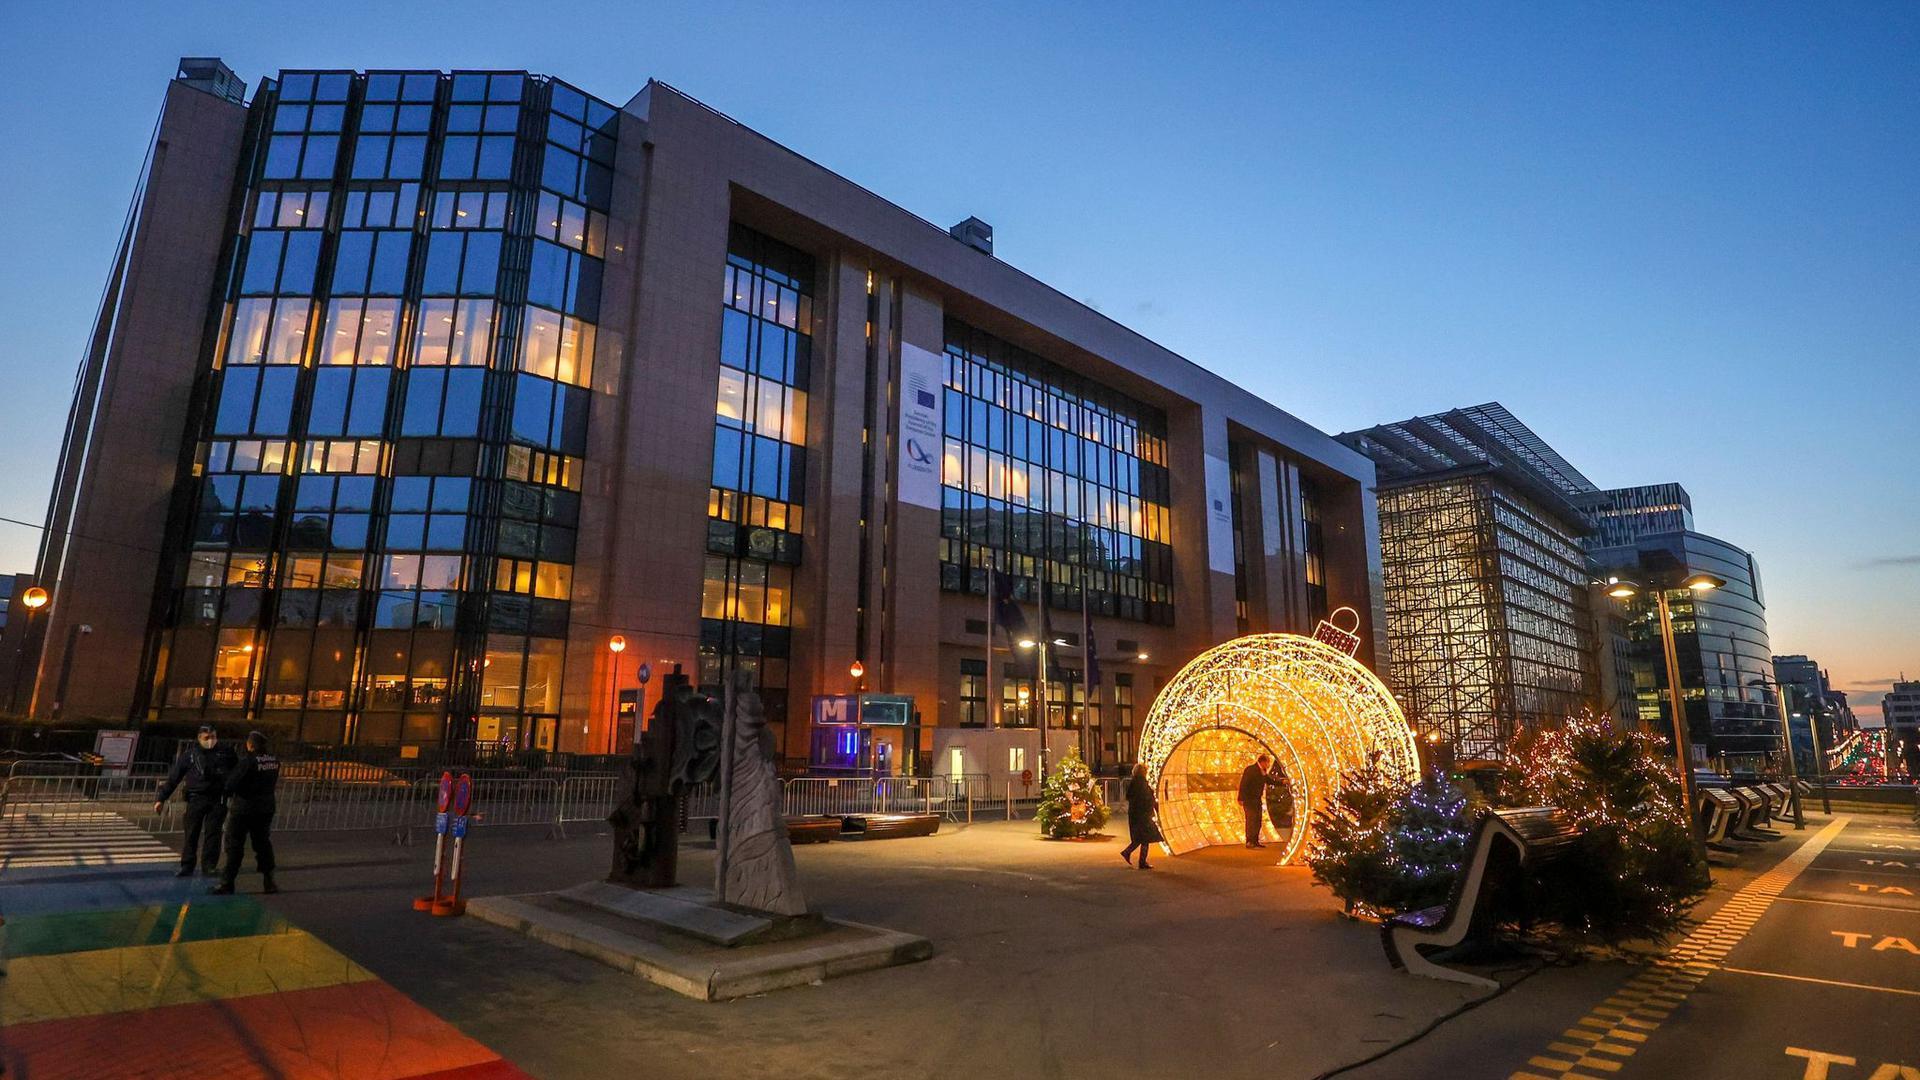 Der Platz vor dem Gebäude des Europäischen Rates ist weihnachtlich geschmückt. Die Staats- und Regierungschefs der EU treffen sich dort zu einem Jahresabschluss-Gipfel.